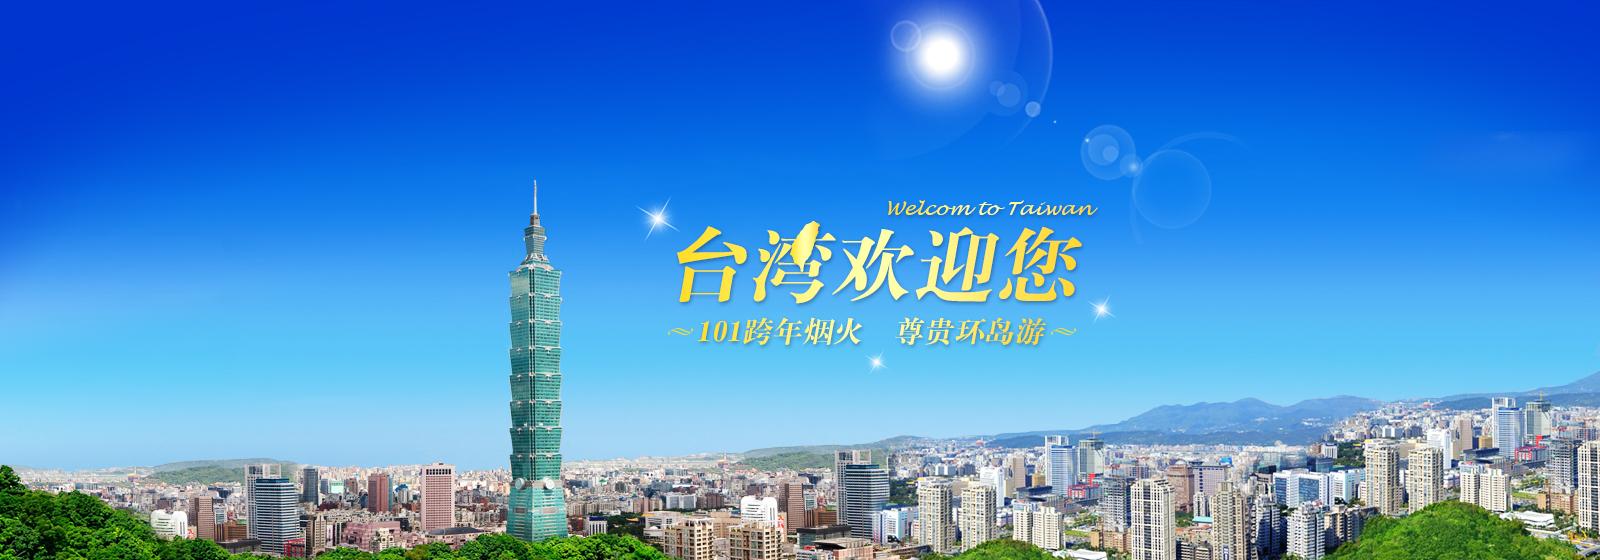 台湾欢迎您